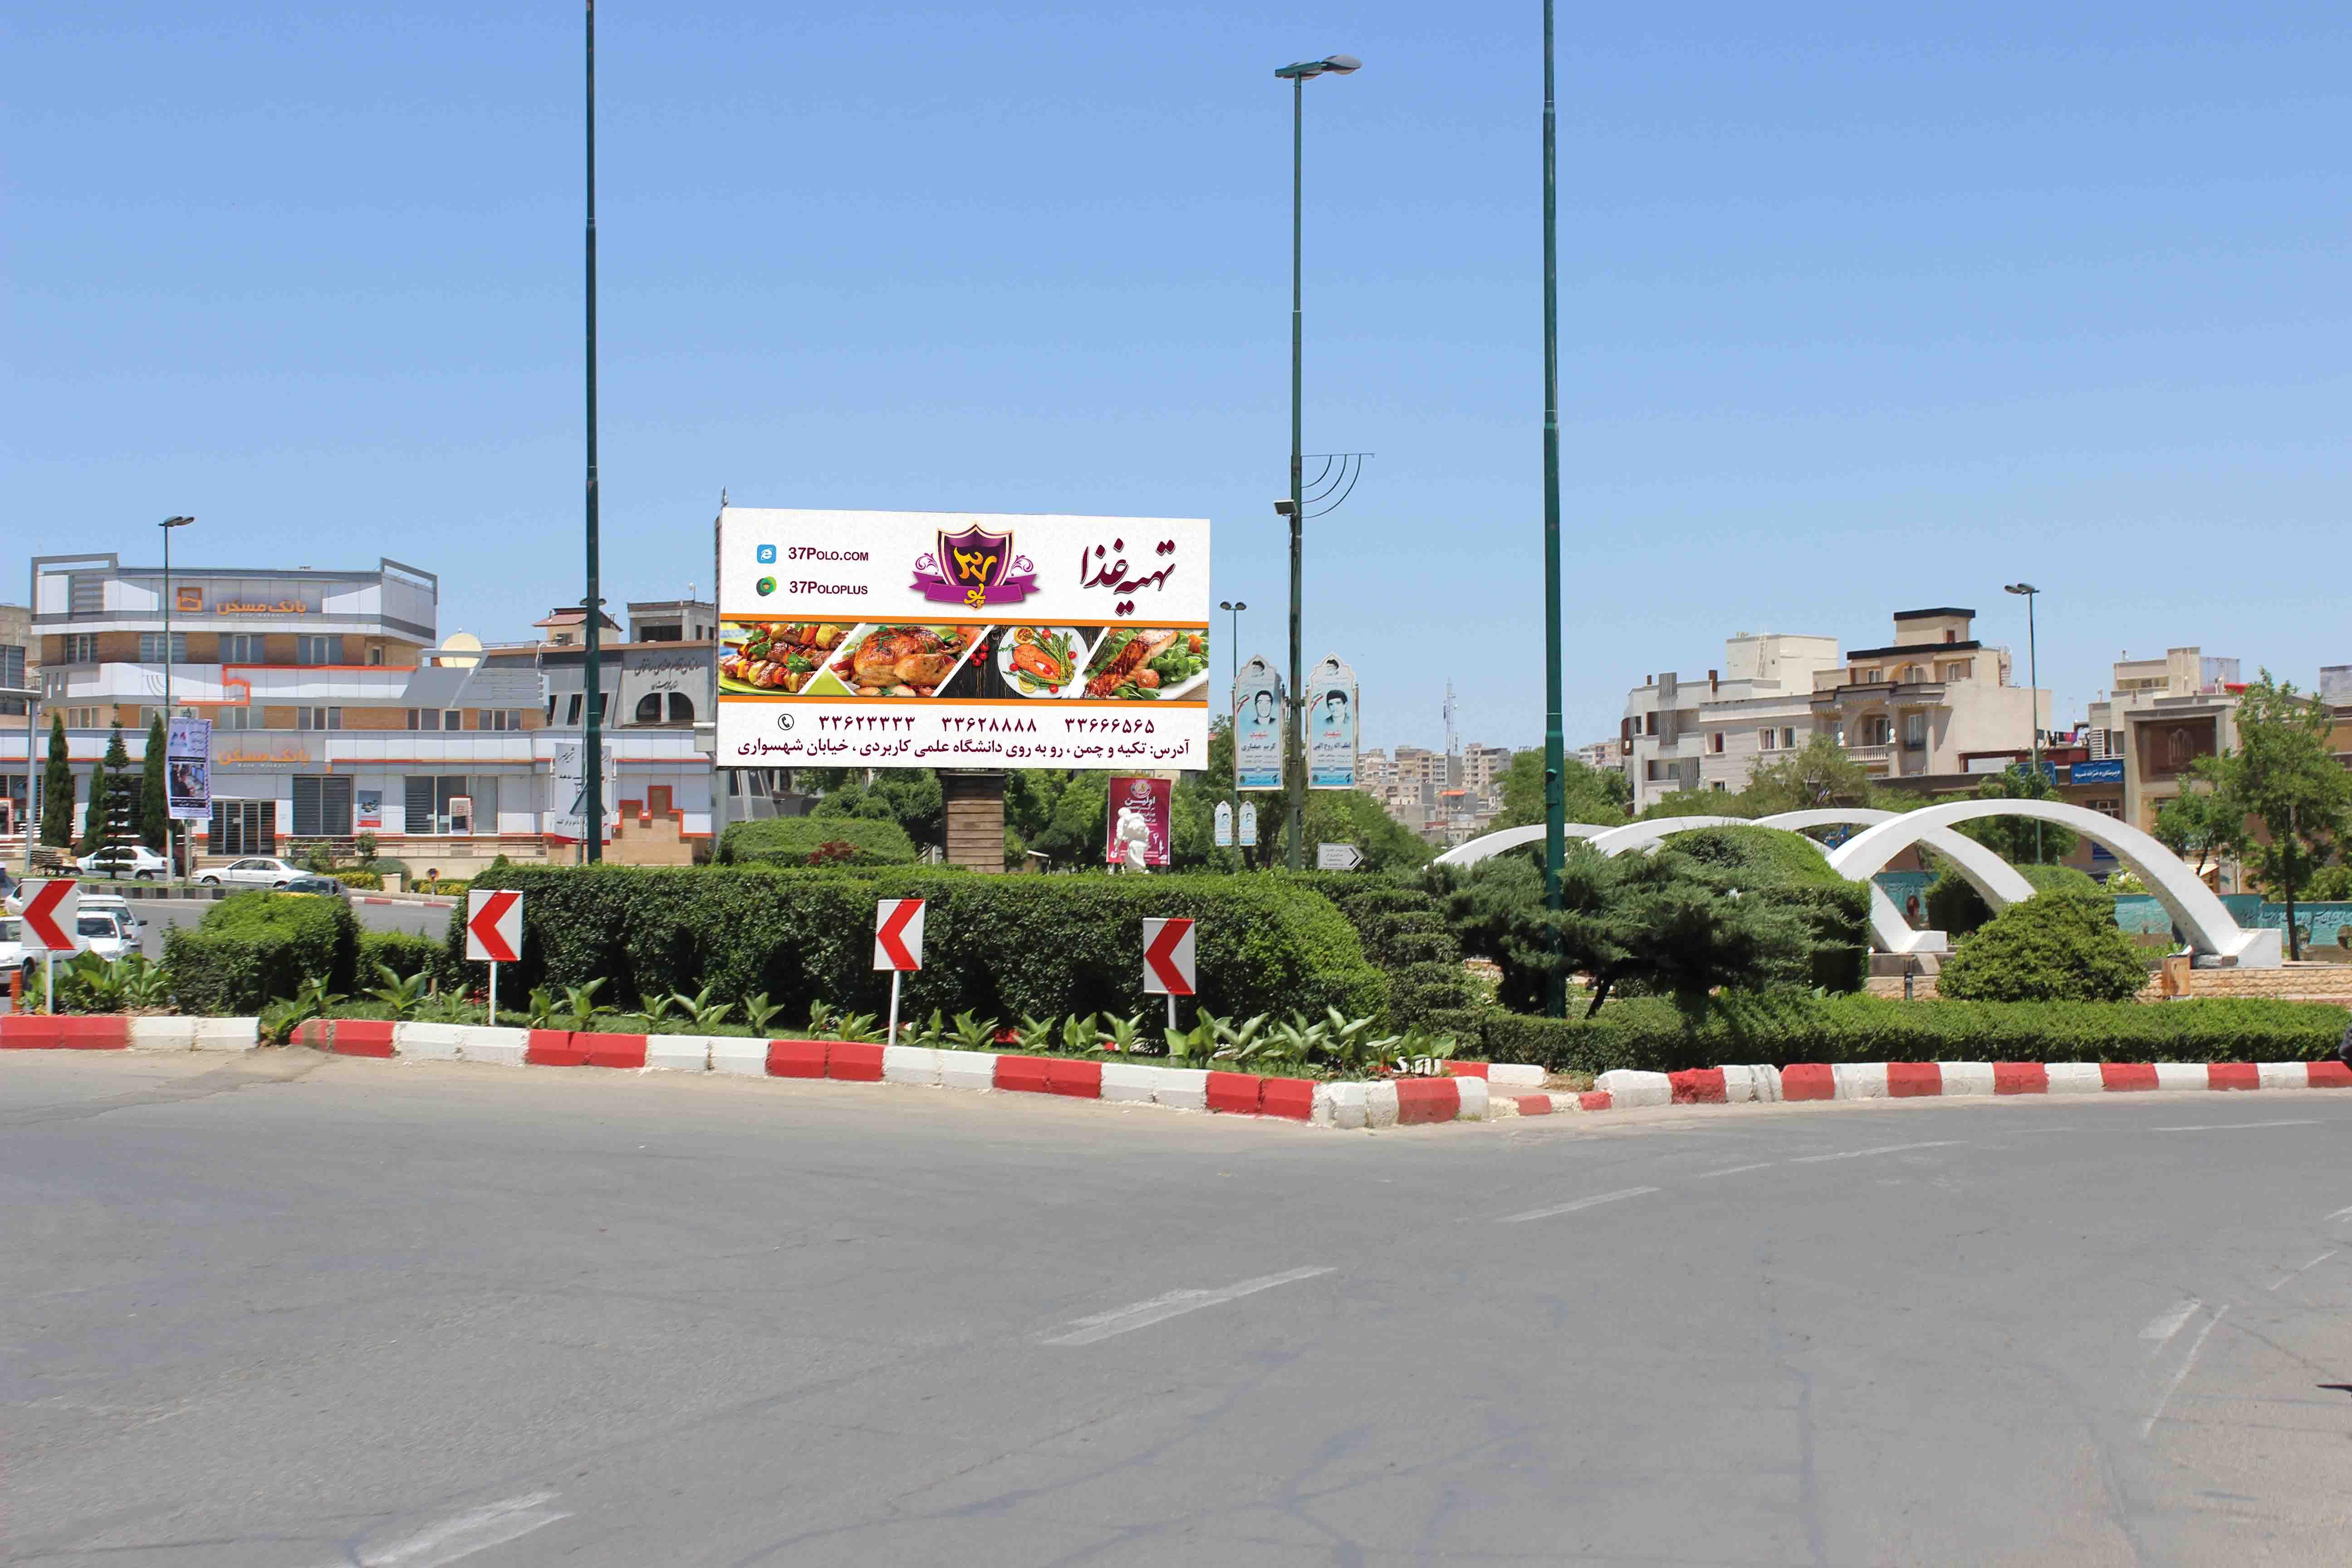 بیلبورد تبلیغاتی میدان کوهنورد سنندج دید از بلوار شهید چمران